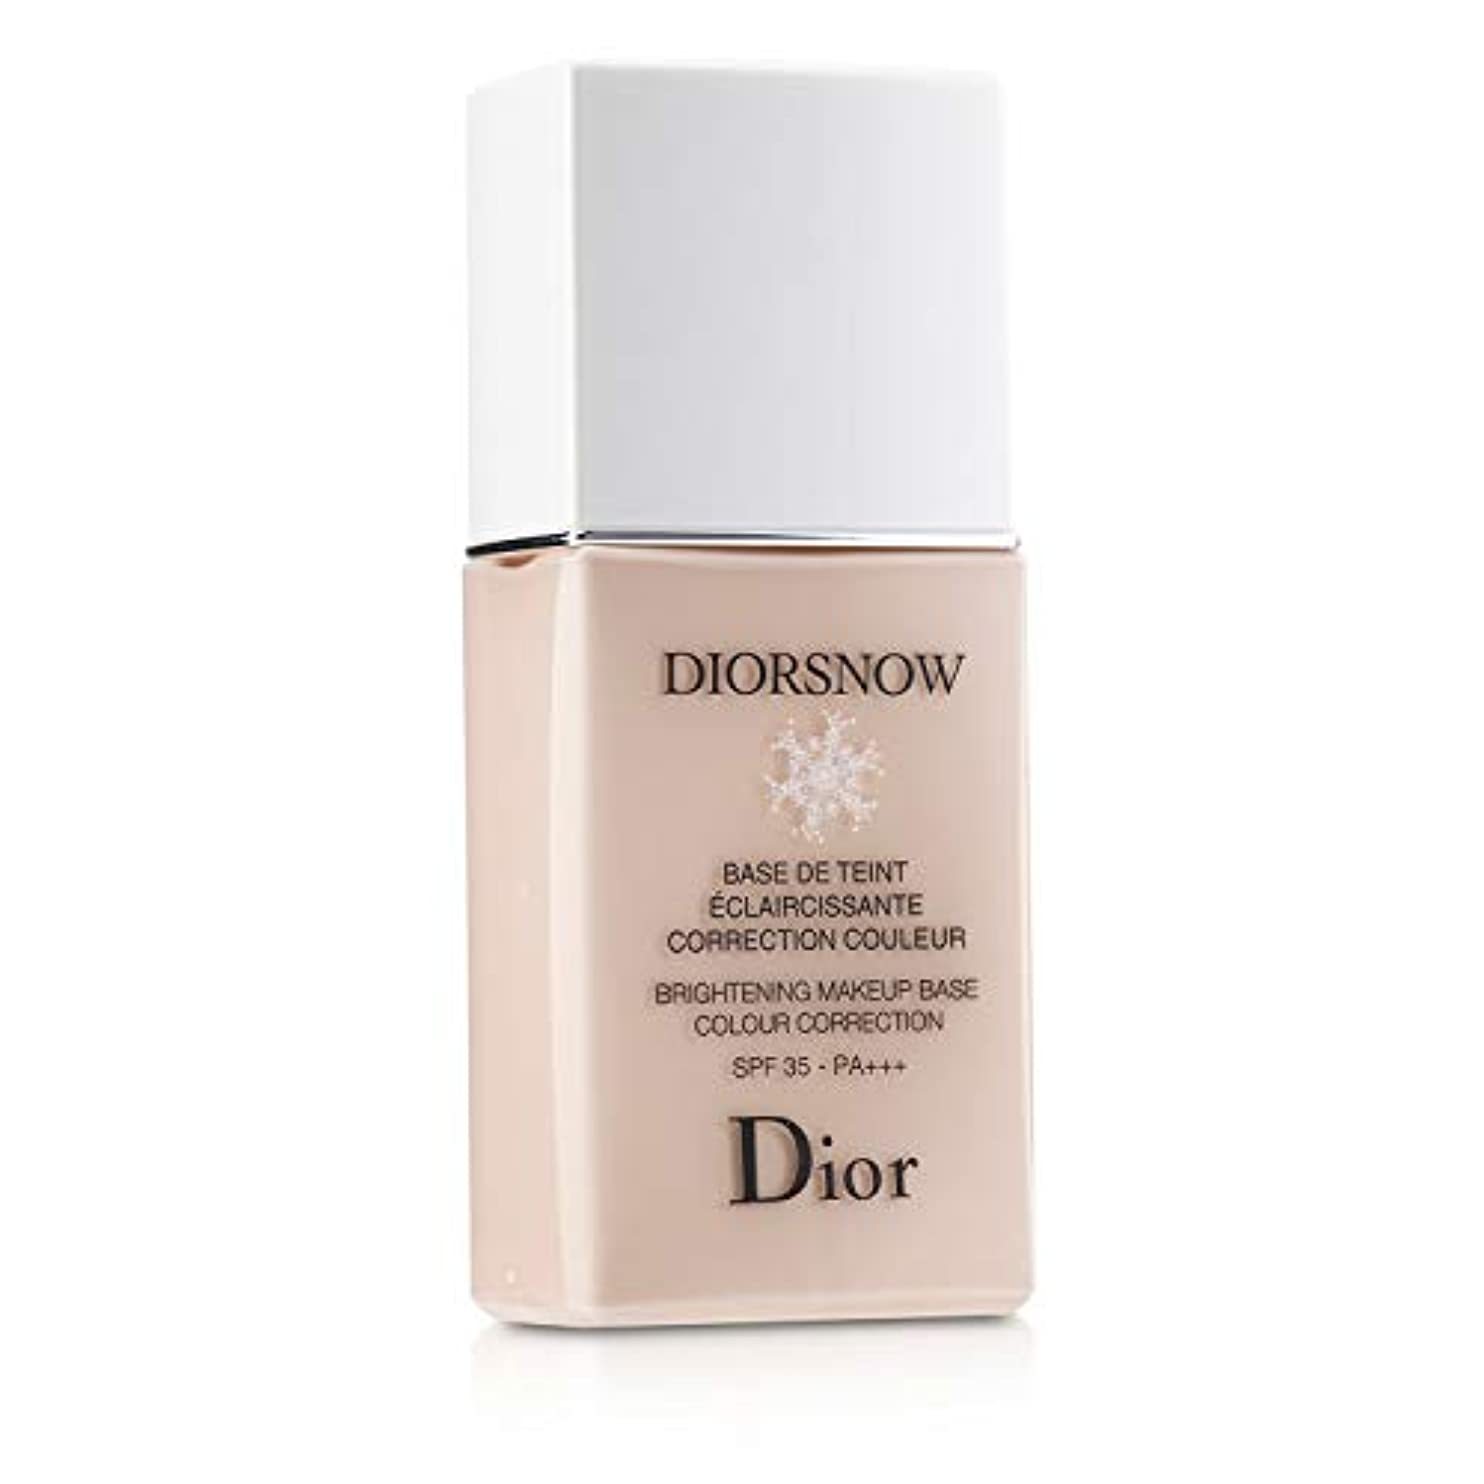 ダウン事実残基クリスチャン ディオール Diorsnow Brightening Makeup Base Colour Correction SPF35 - # Rose 30ml/1oz並行輸入品